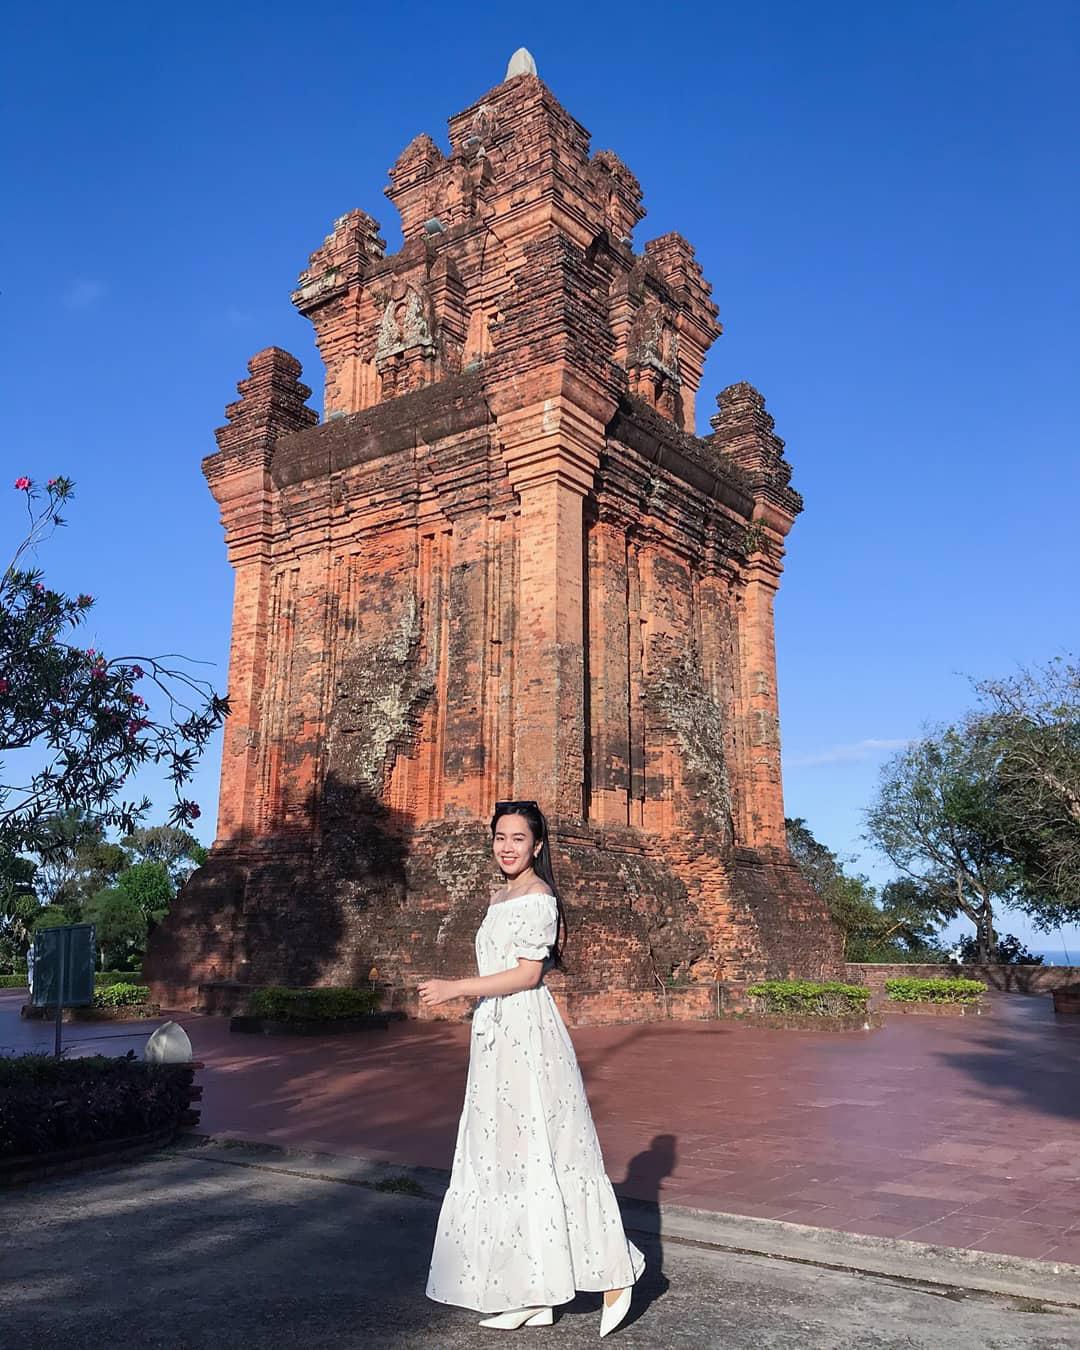 So sánh tour du lịch Tết TP HCM - Quy Nhơn - Phú Yên 4 ngày 3 đêm - Ảnh 11.